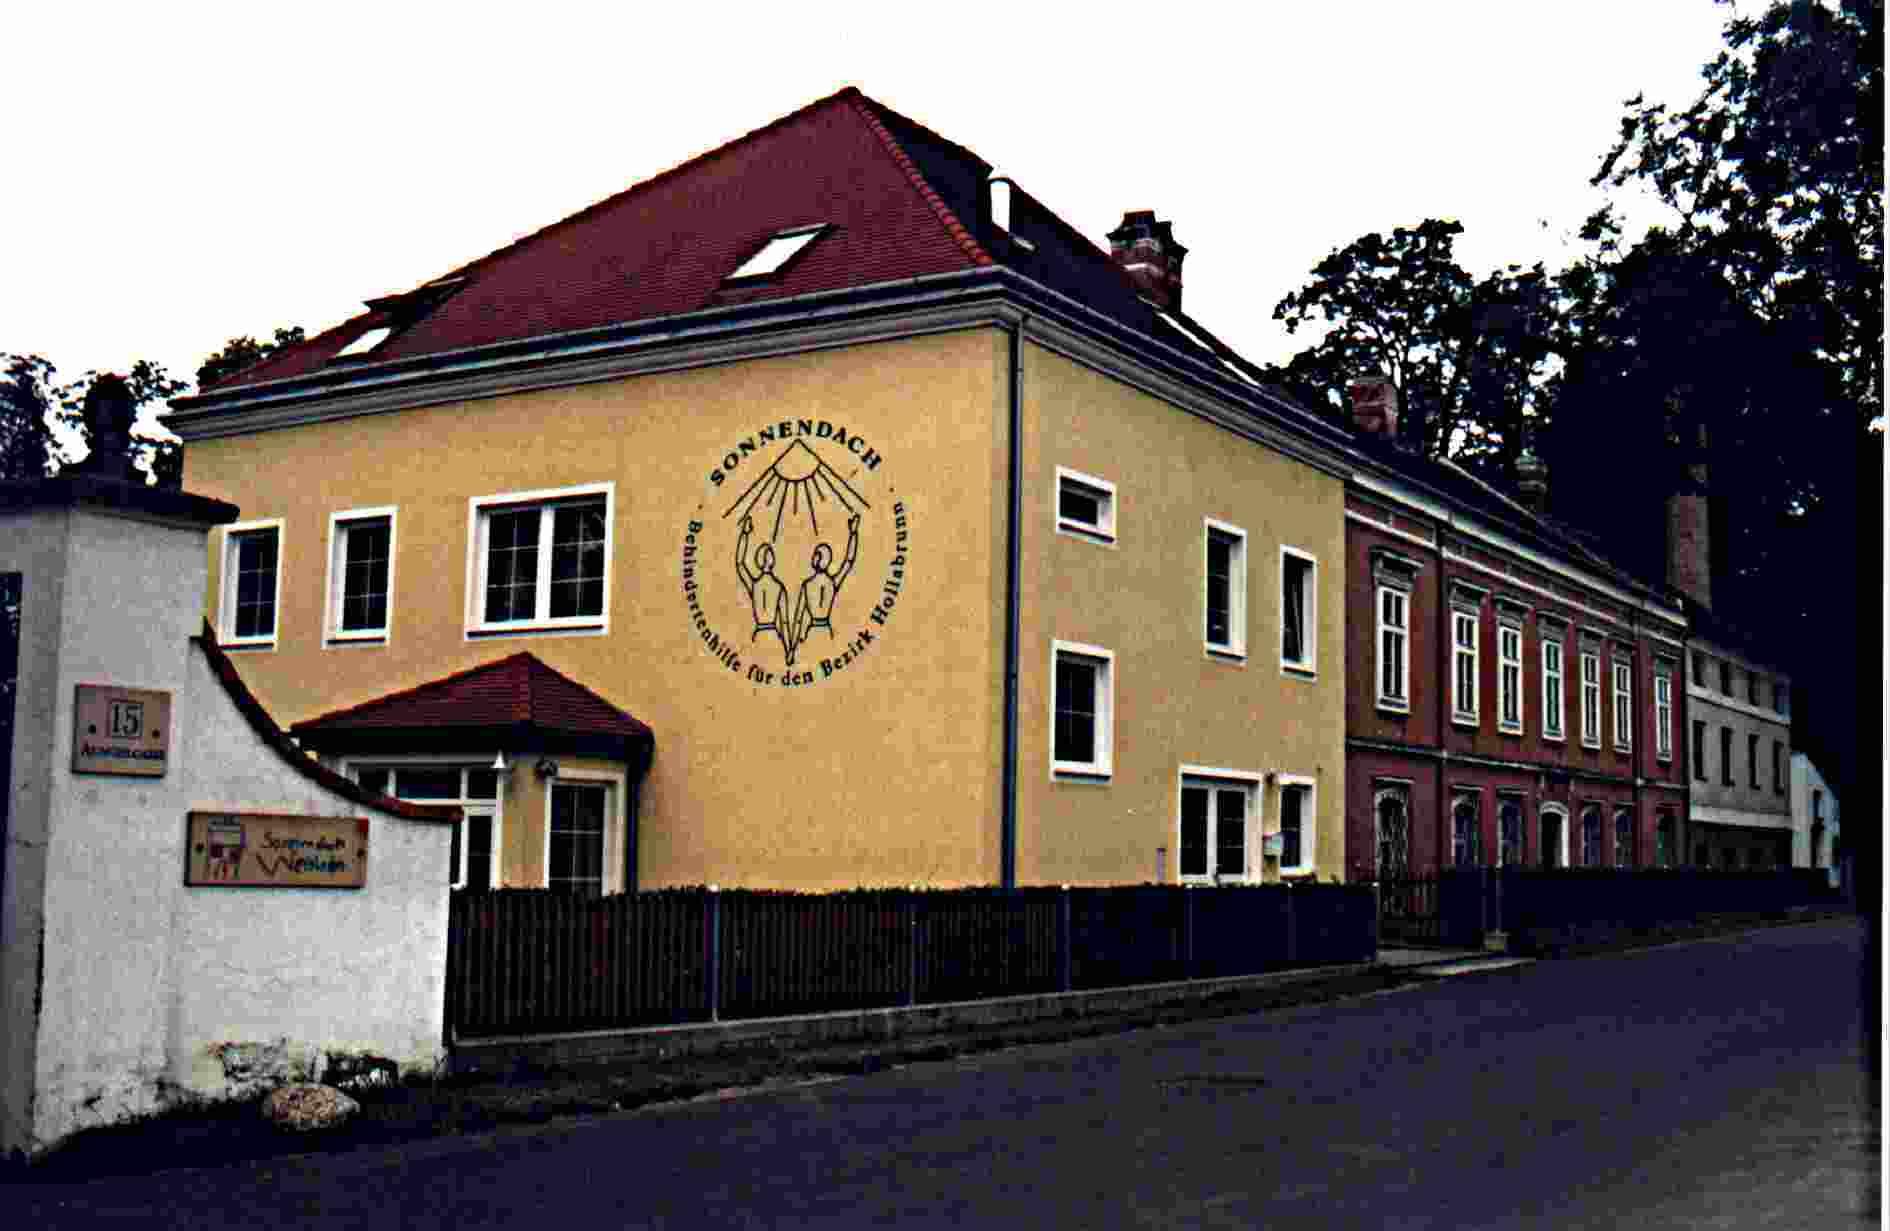 kleines Bild der Aumühle Sagmühle Weisleinmühle Kleinmühle